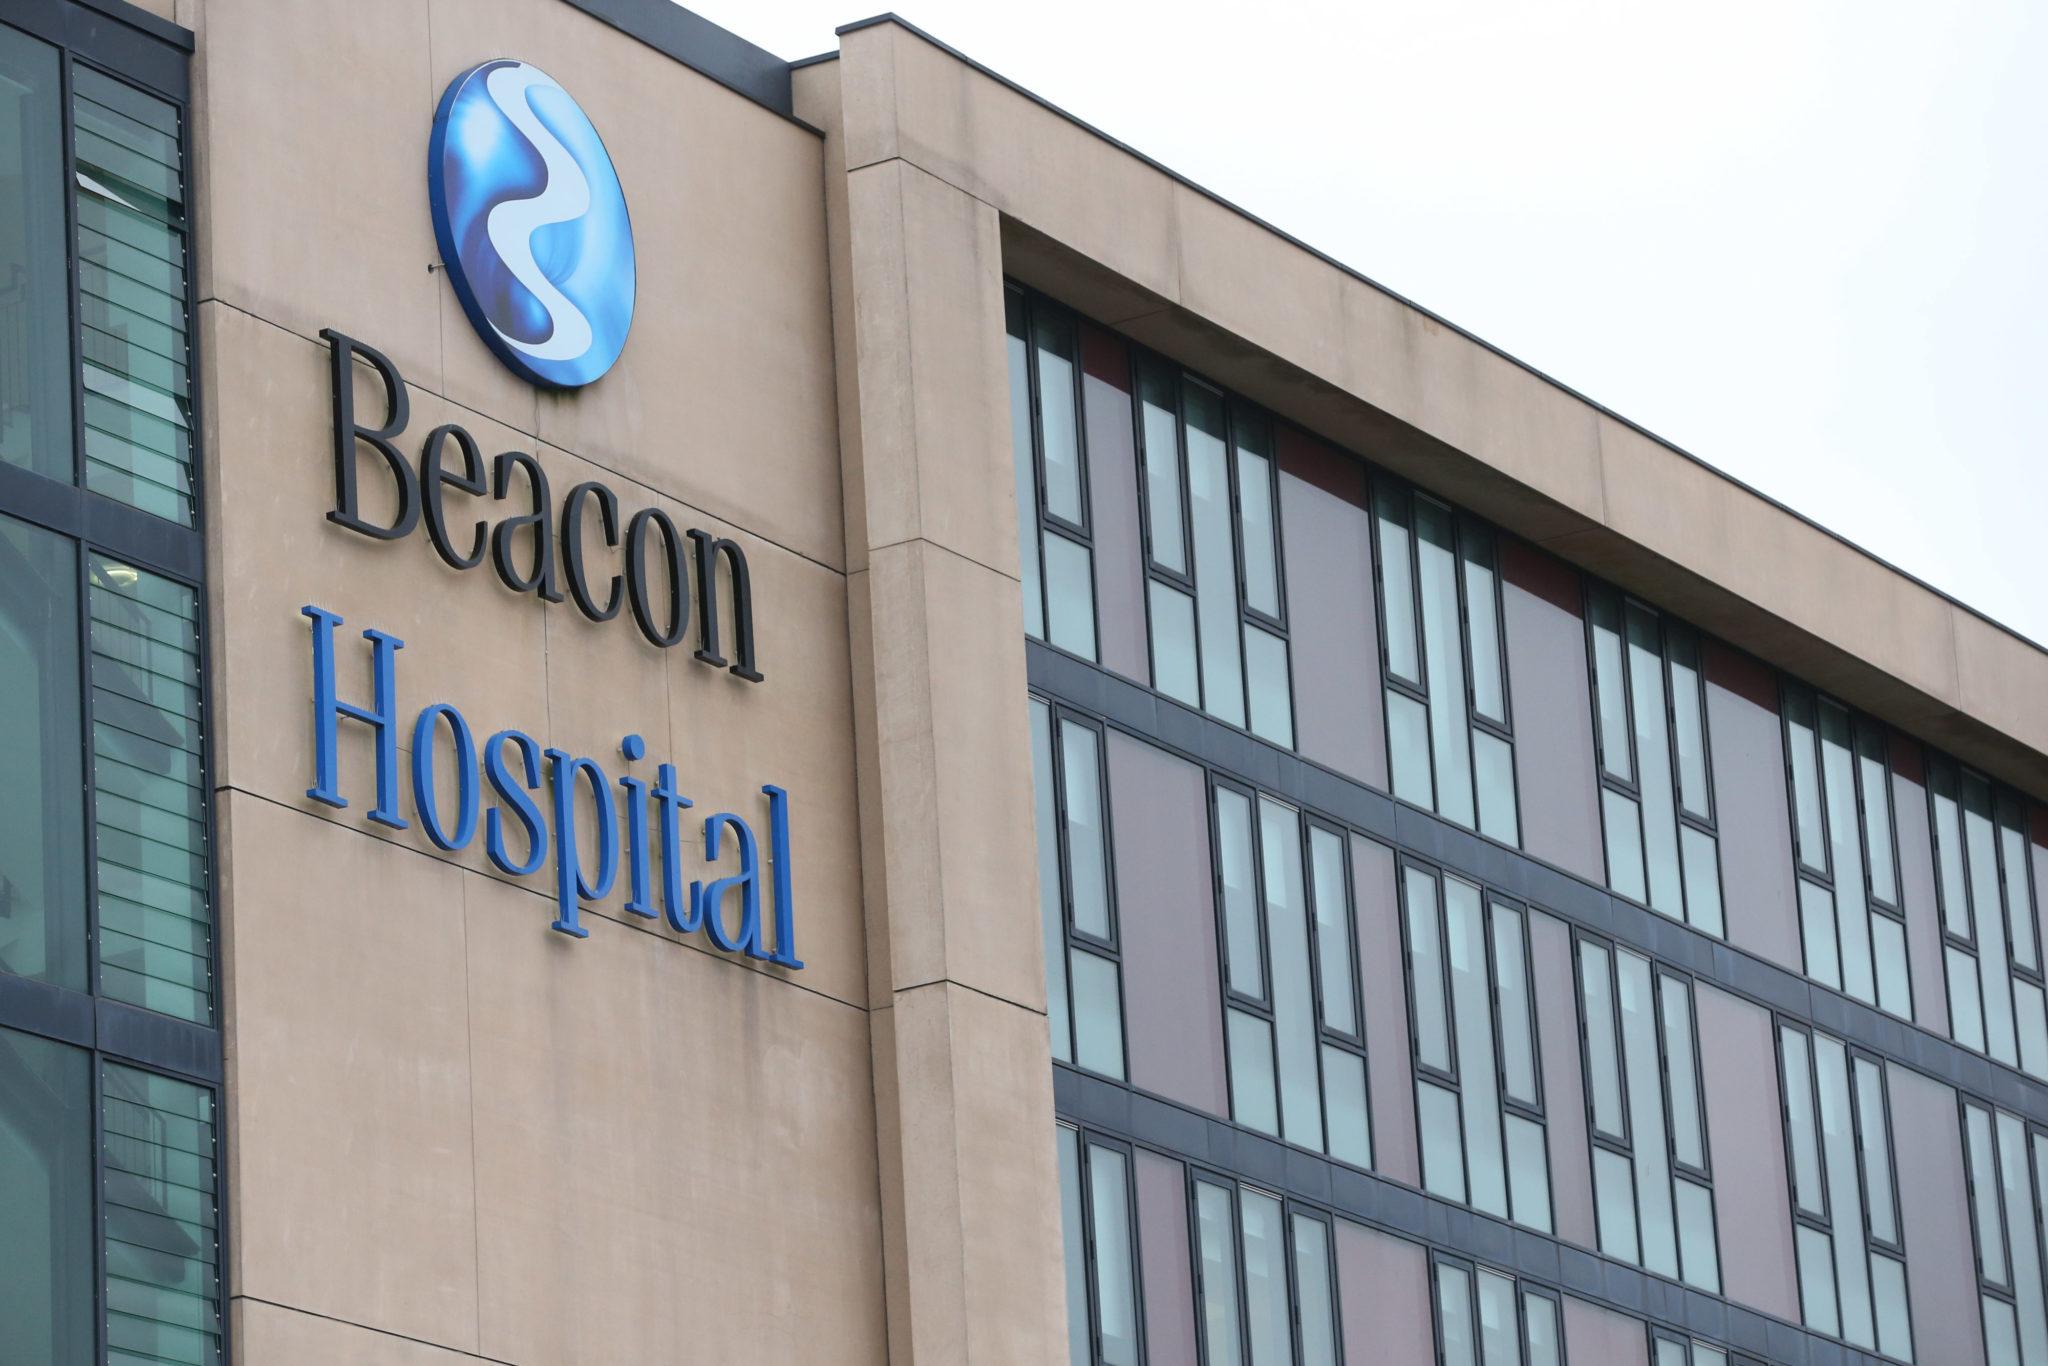 Beacon Hospital in Dublin